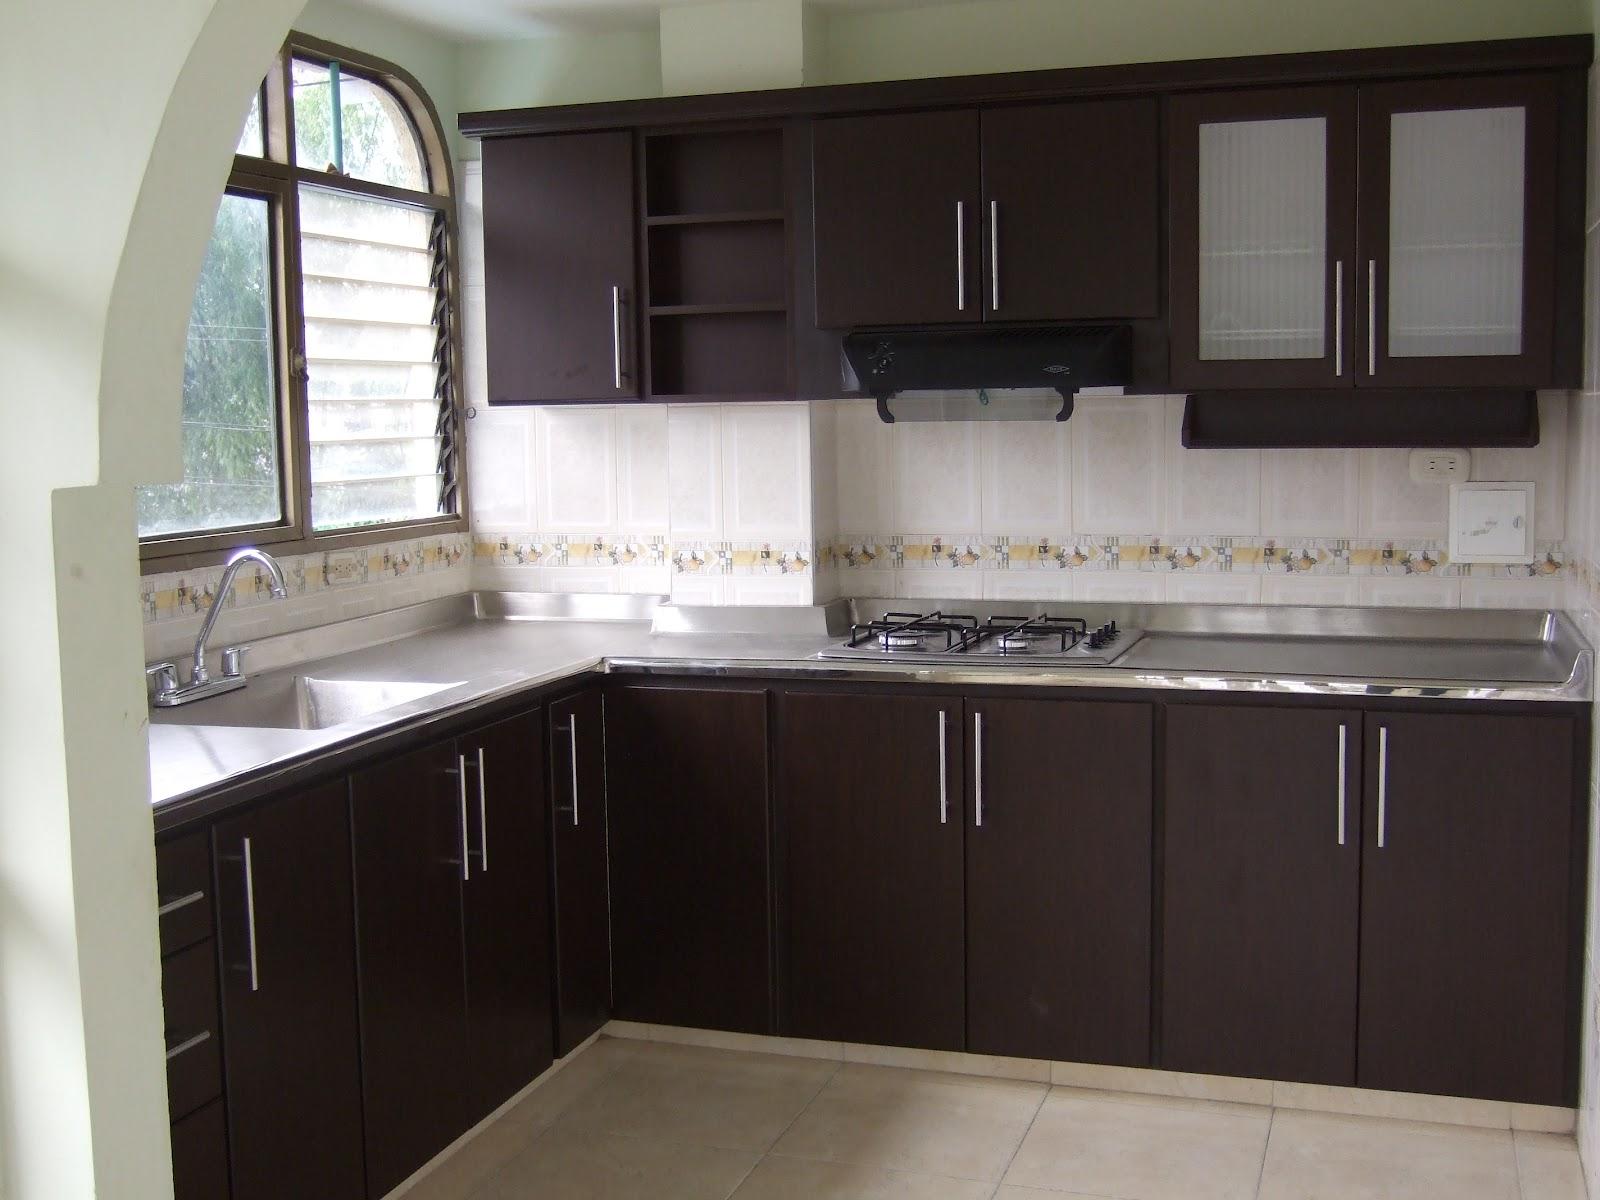 F f cocinas integrales cocinas planas deco - Muebles de cocina color wengue ...